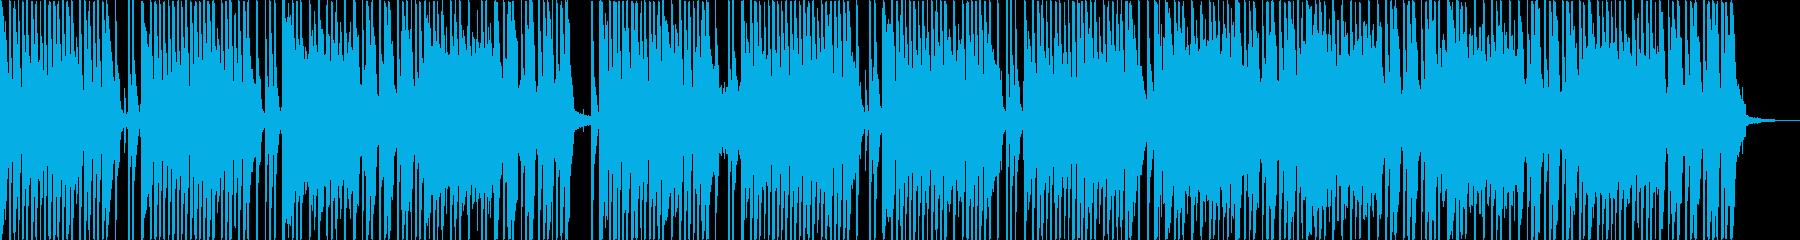 軽快なリズム 8ビート曲。の再生済みの波形